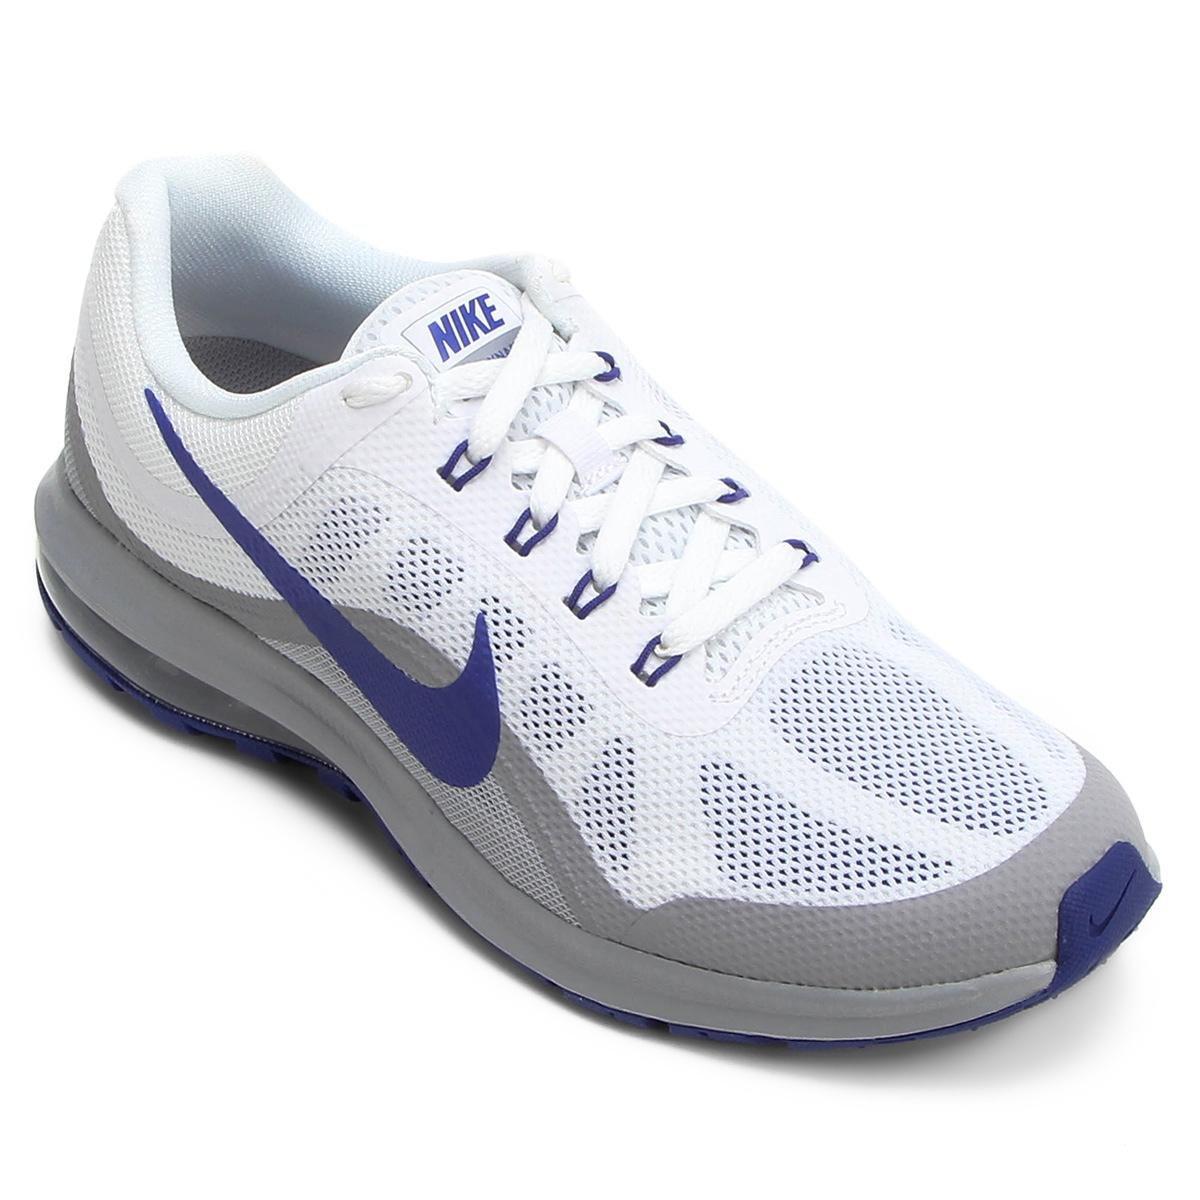 more photos e1175 6d9b7 Tênis Nike Air Max Dynasty 2 Masculino - Branco e Cinza - Compre Agora   Shop Timão